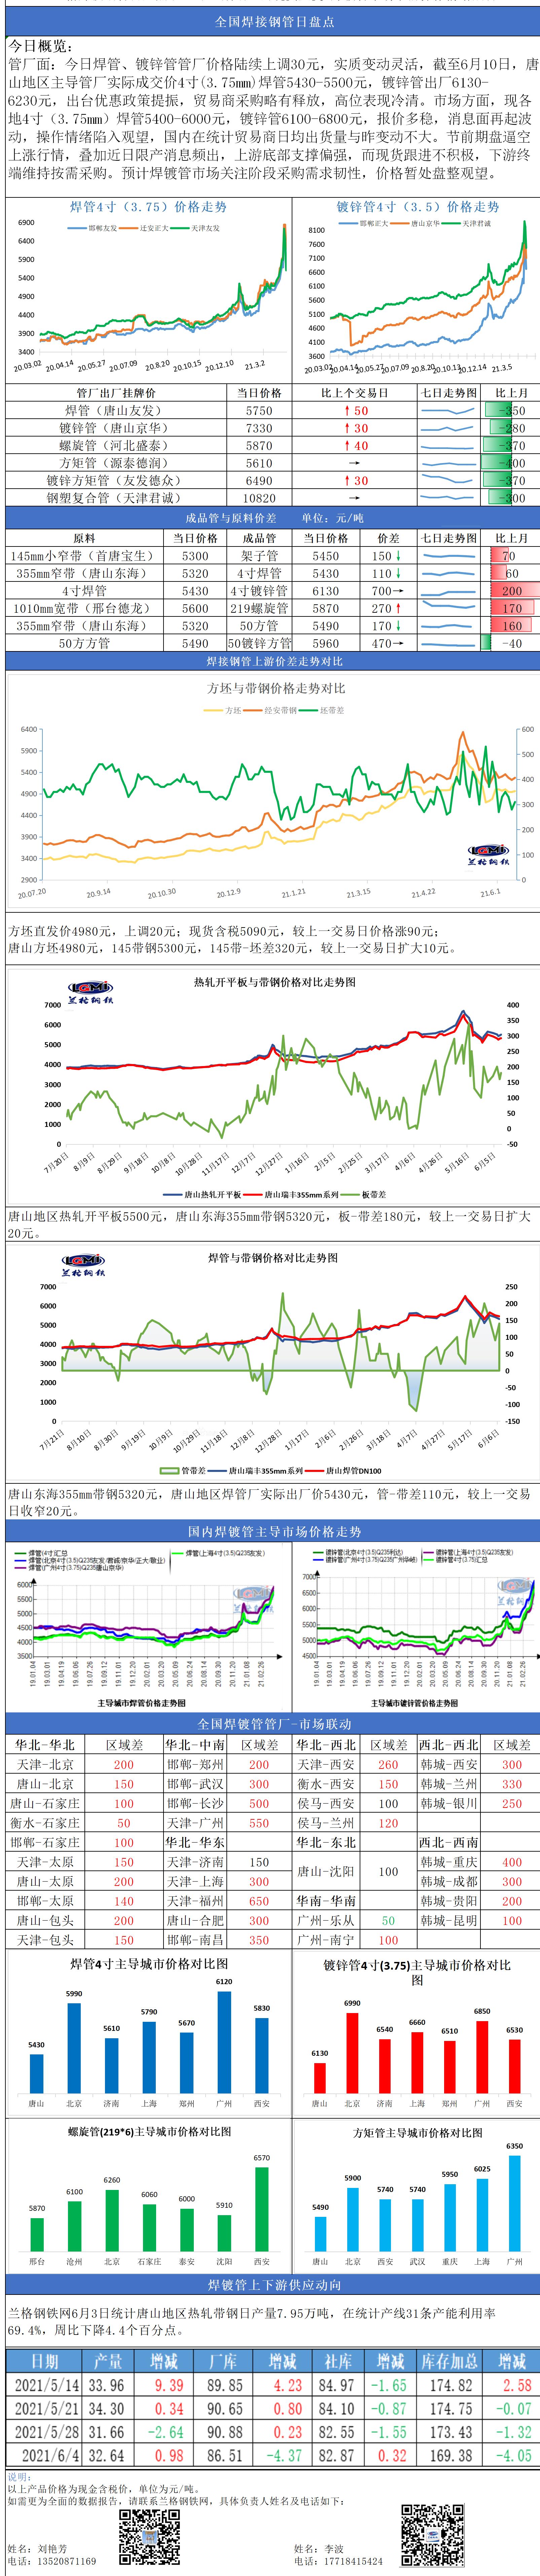 兰格焊接钢管日盘点(6.10): 期钢红而现货反复 焊镀管市场节前操作情绪减弱